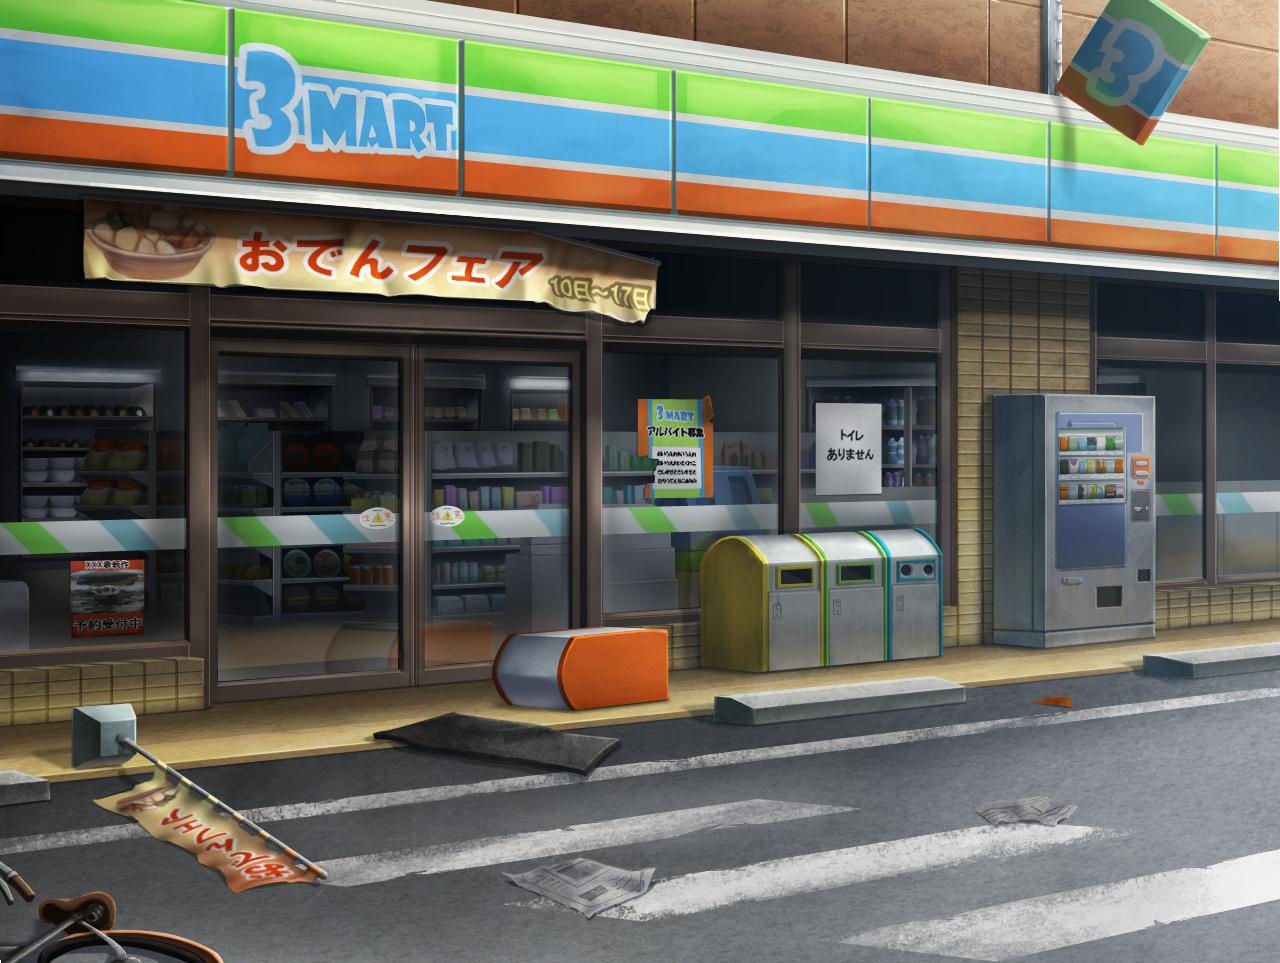 コンビニ背景 | スキマ - スキルのオーダーメイドマーケット - skima